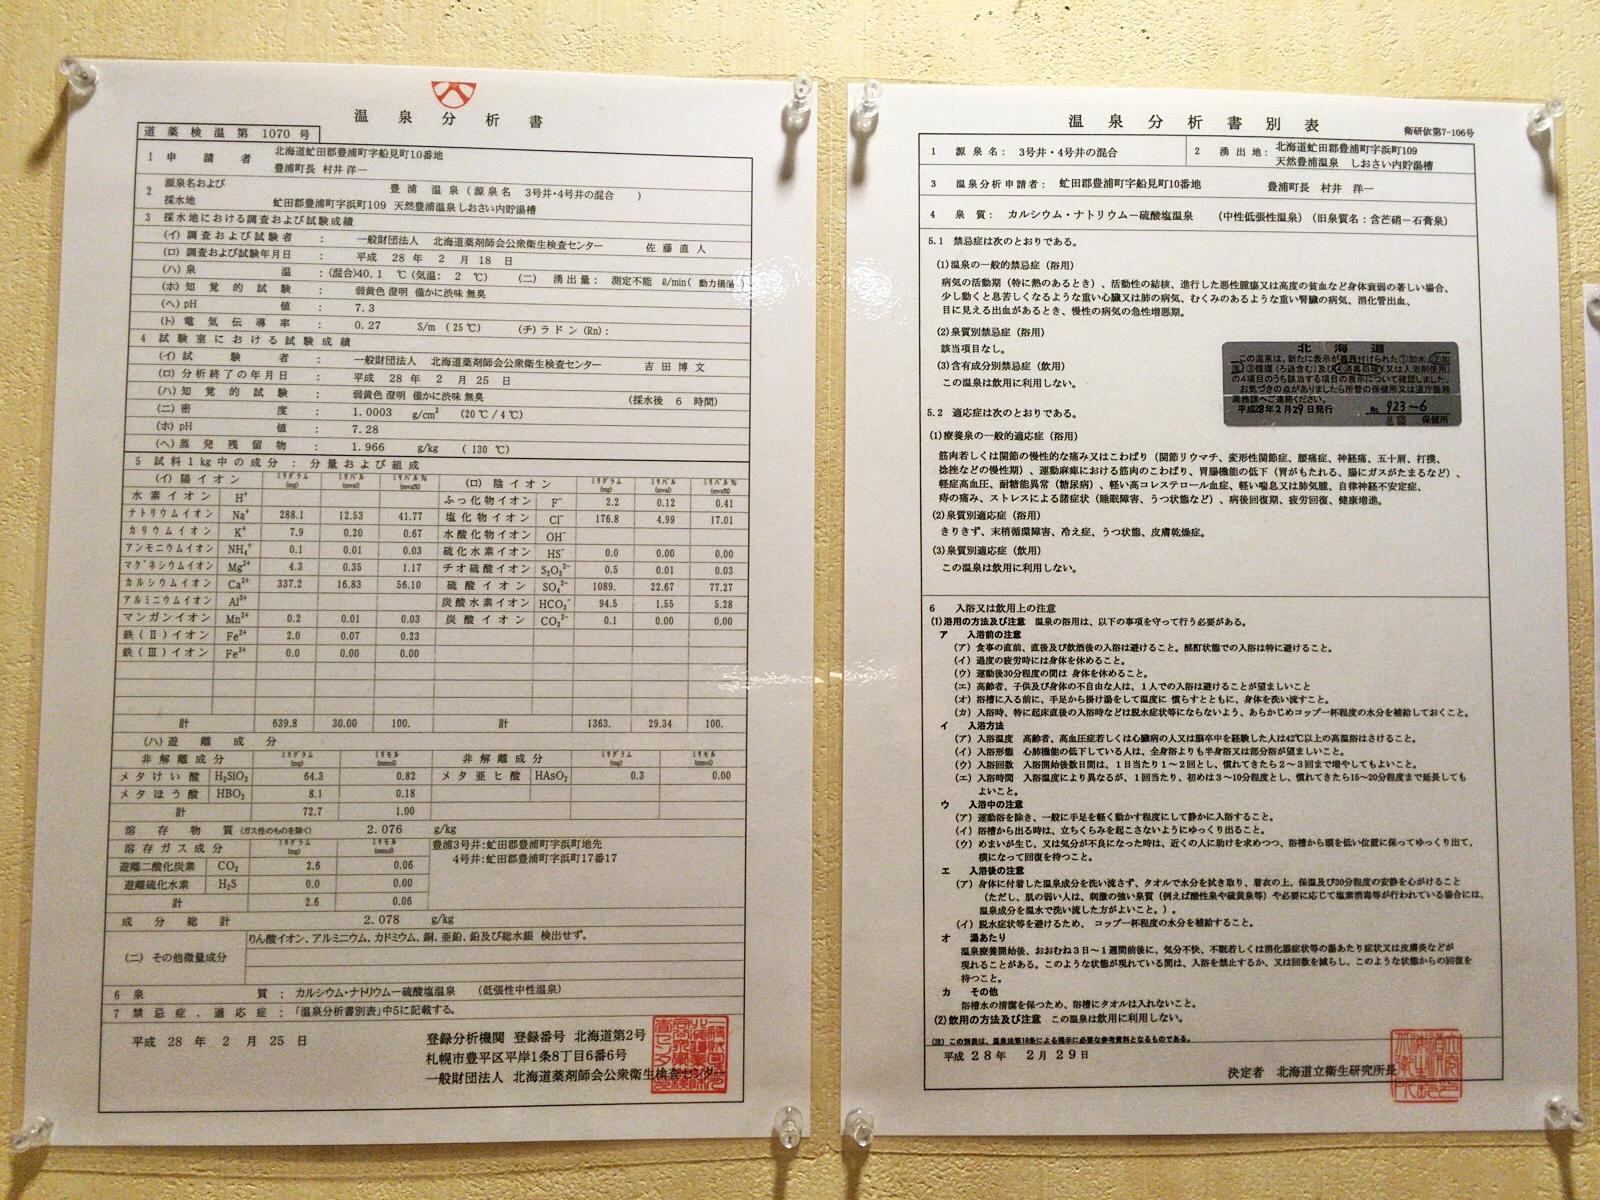 豊浦温泉 しおさい 温泉分析書.JPG